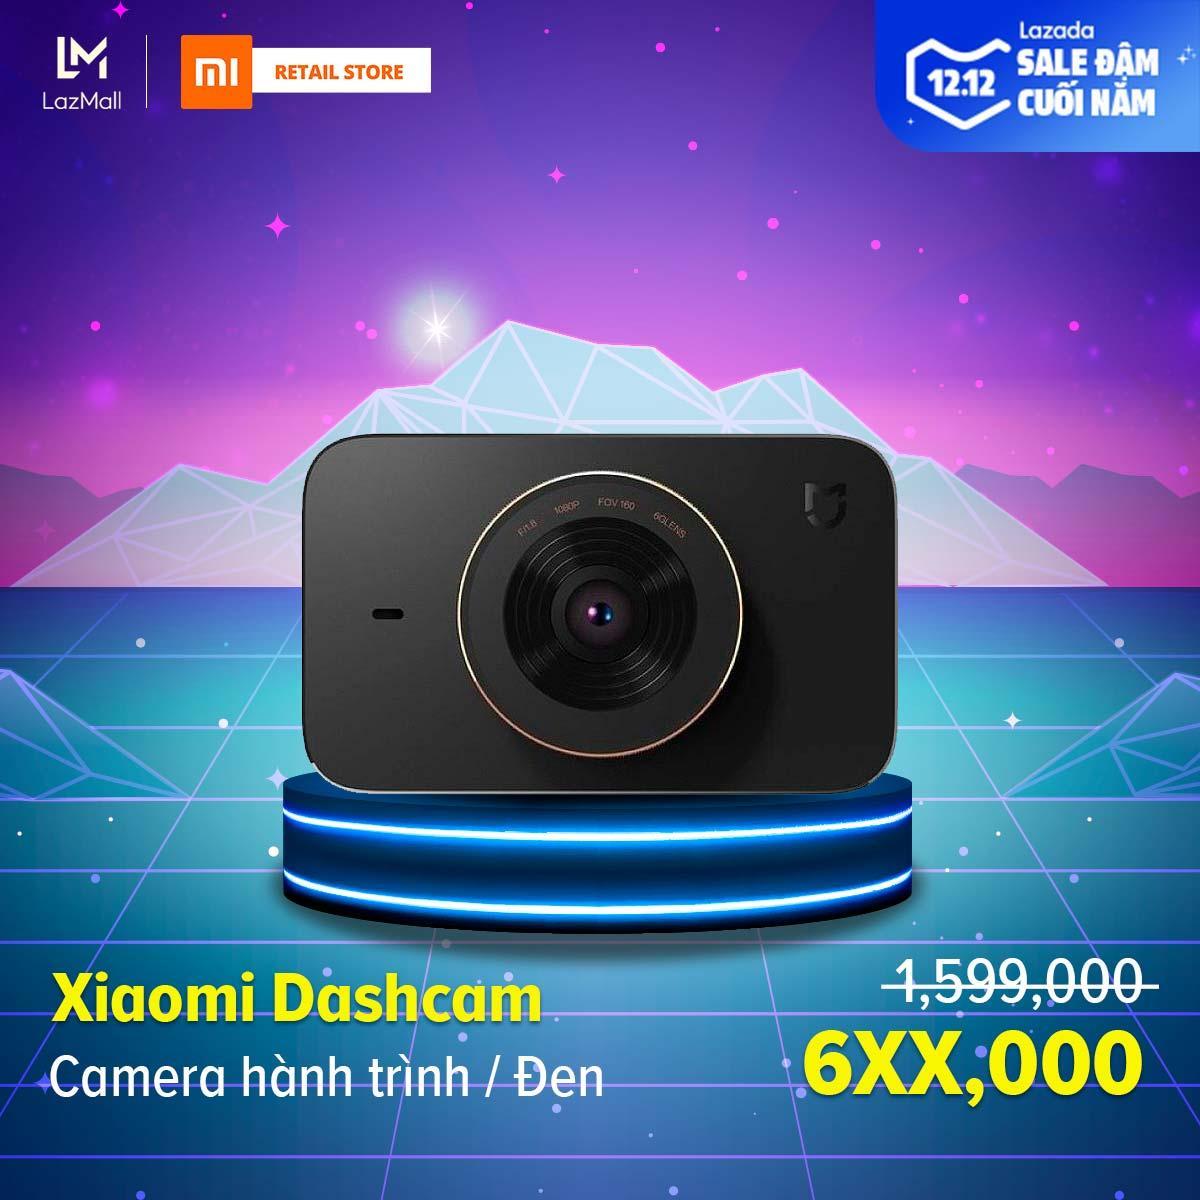 Deal Ưu Đãi [HÀNG CHÍNH HÃNG - BẢO HÀNH 12 THÁNG] Camera Hành Trình Xiaomi Dashcam - Kết Nối Wifi, Bluetooth 4.0 - Hỗ Trợ Thẻ Nhớ Tối đa 32GB - Ống Kính Góc Quay Rộng 160 độ